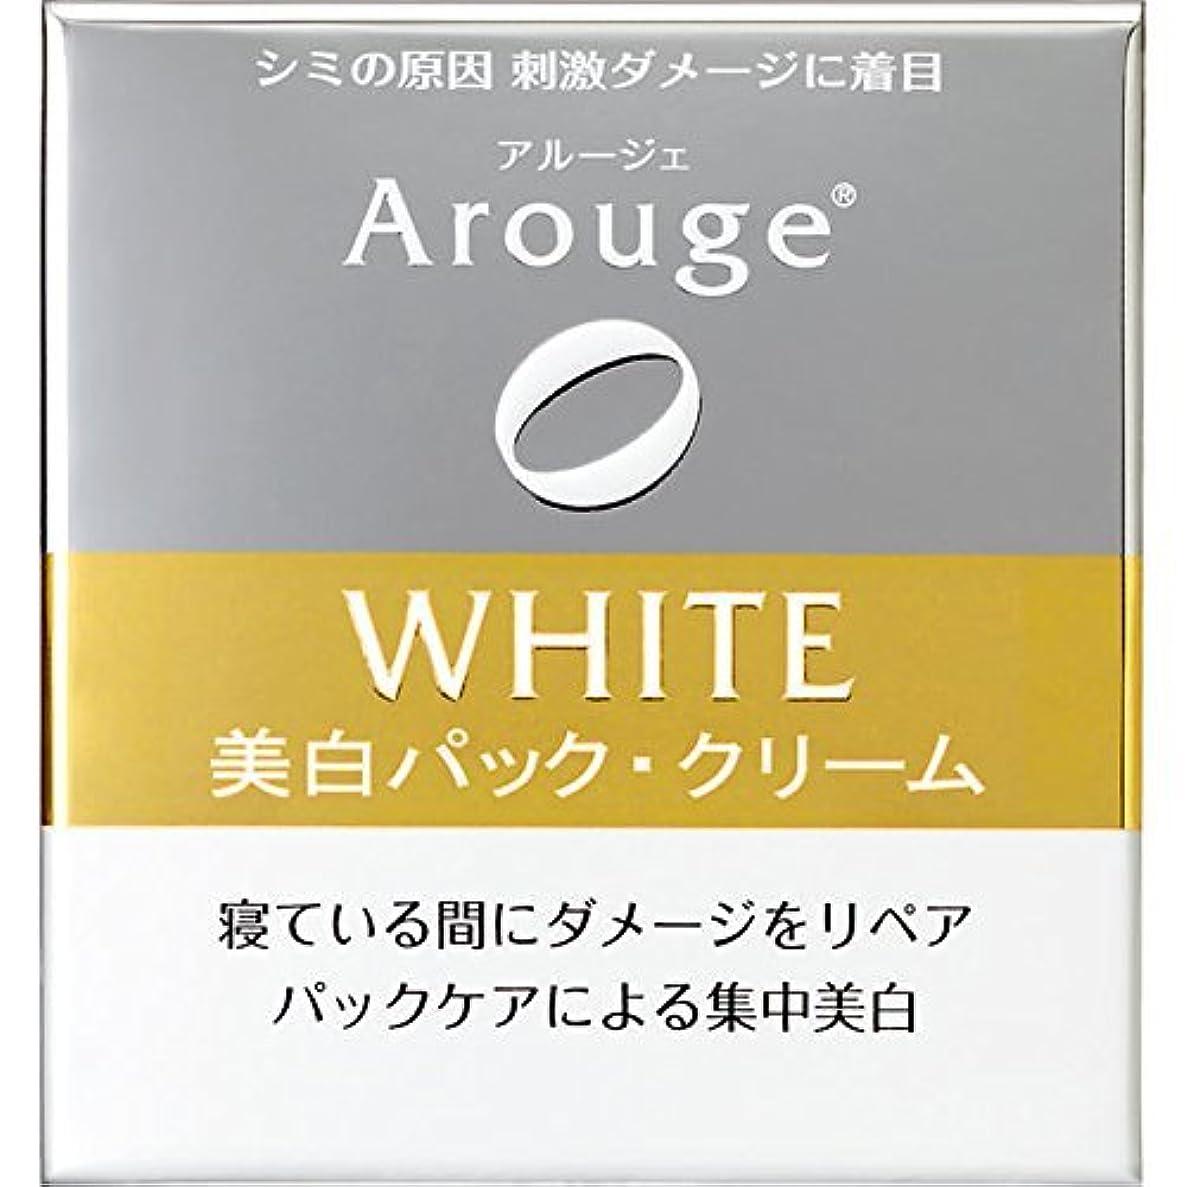 追うランデブー役員アルージェ ホワイトニングリペアクリーム 30g